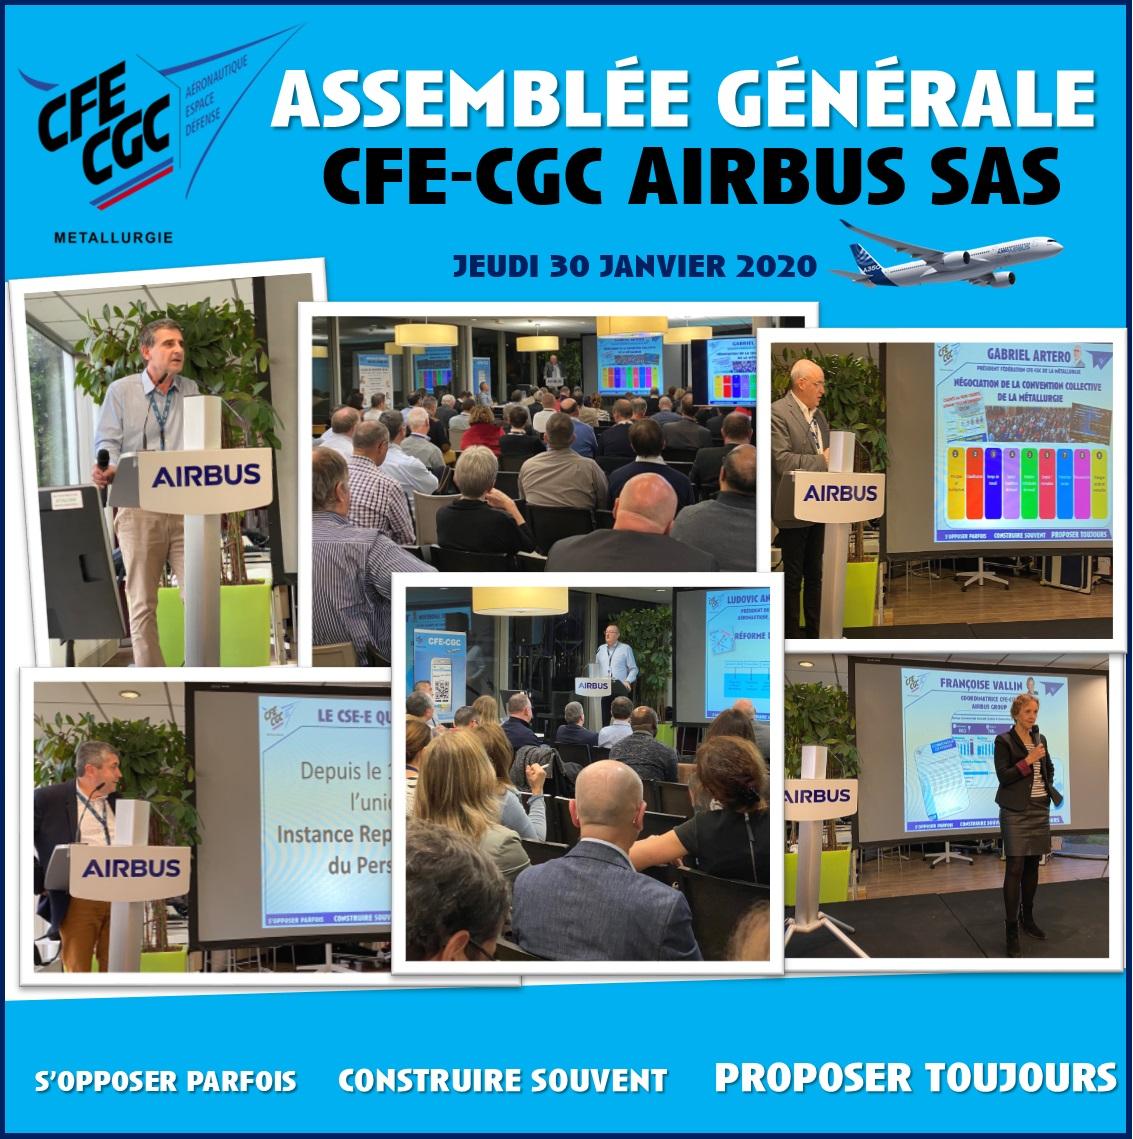 Assemblée Générale Airbus SAS